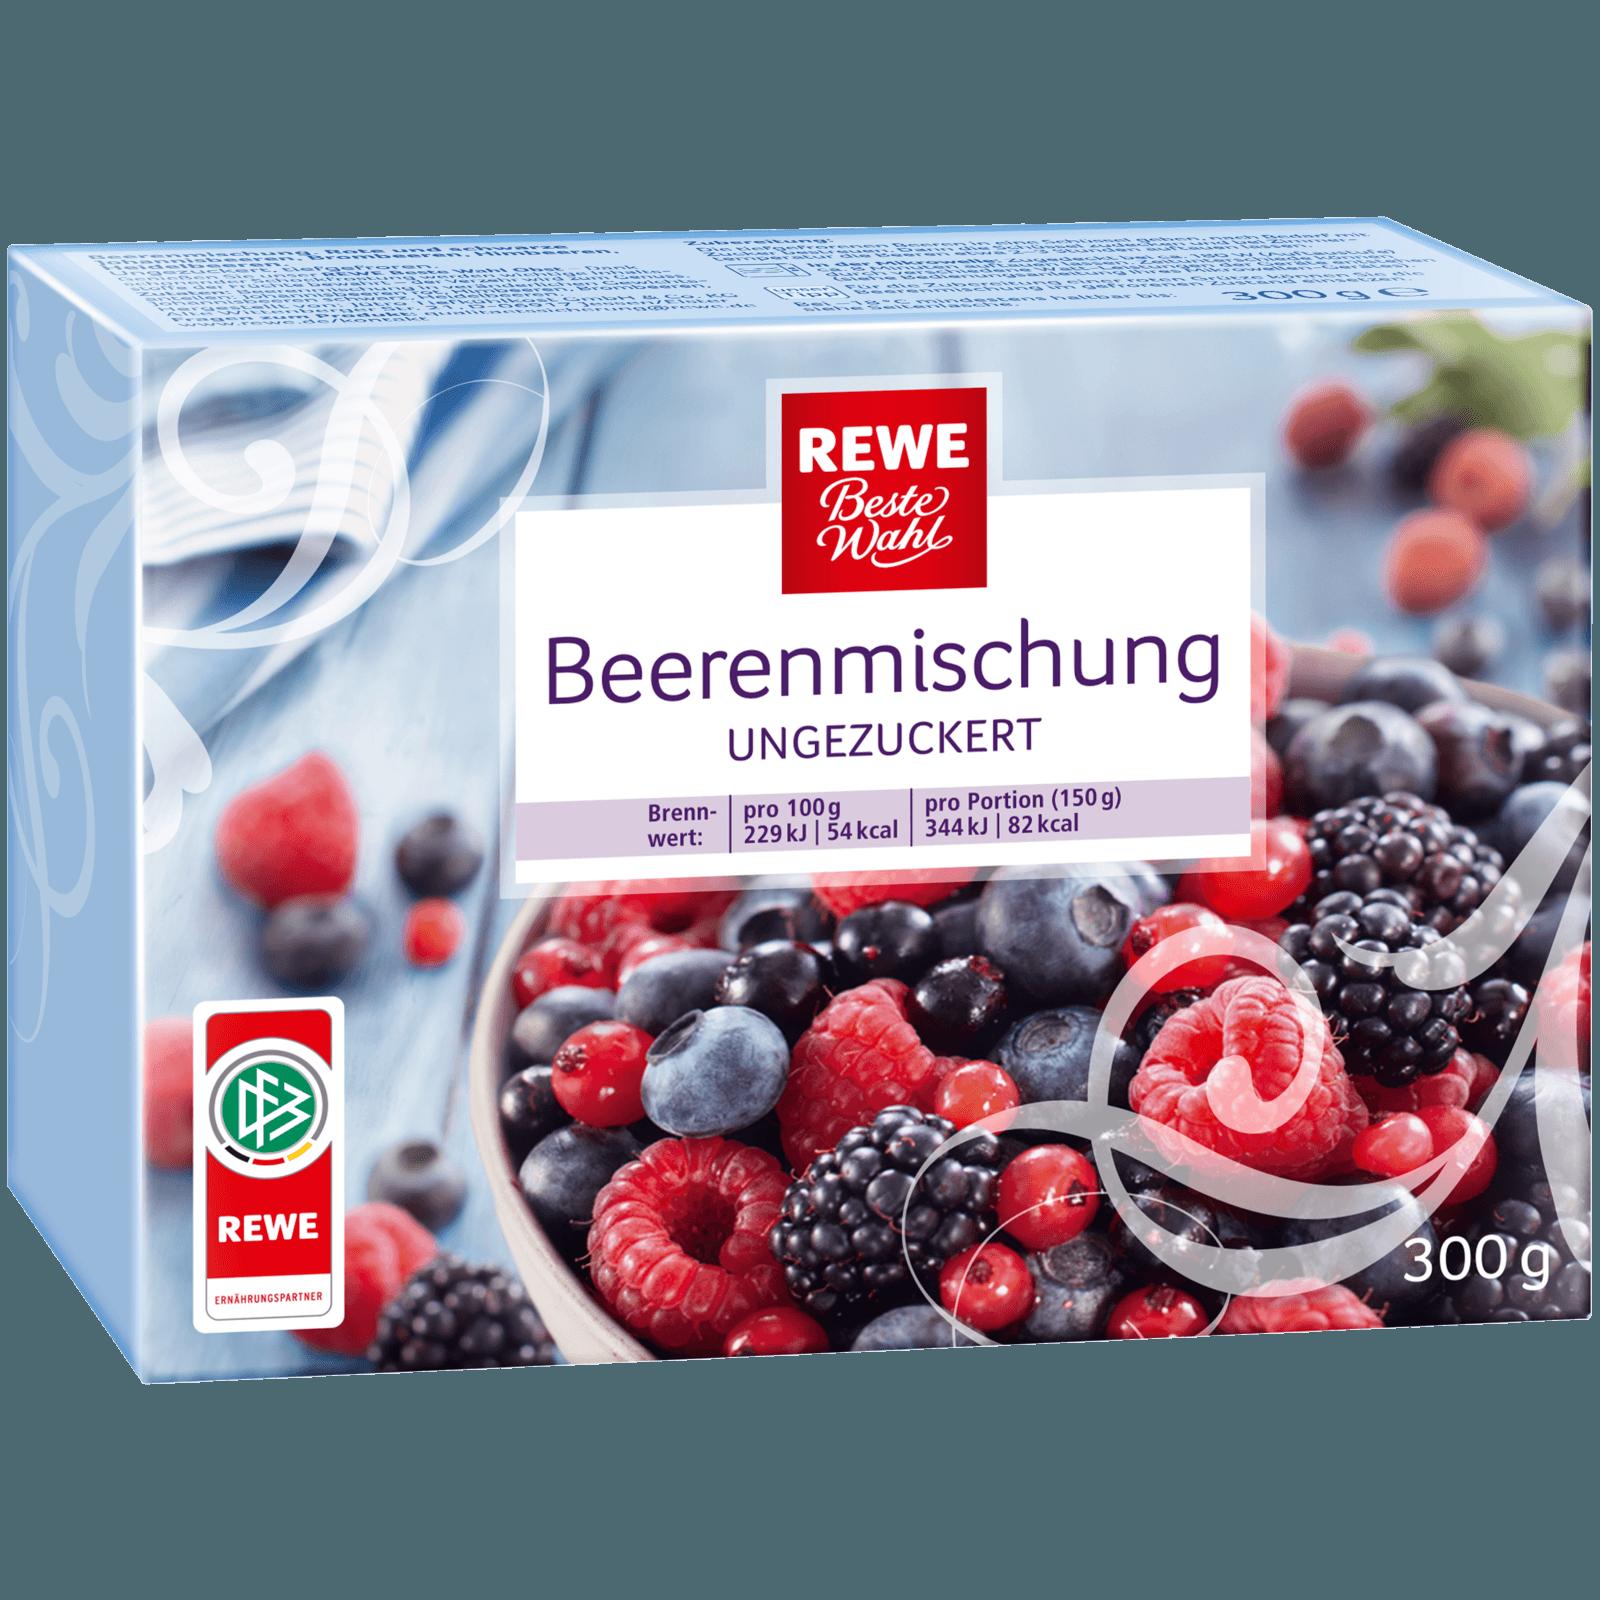 REWE Beste Wahl Beerenmischung 300g